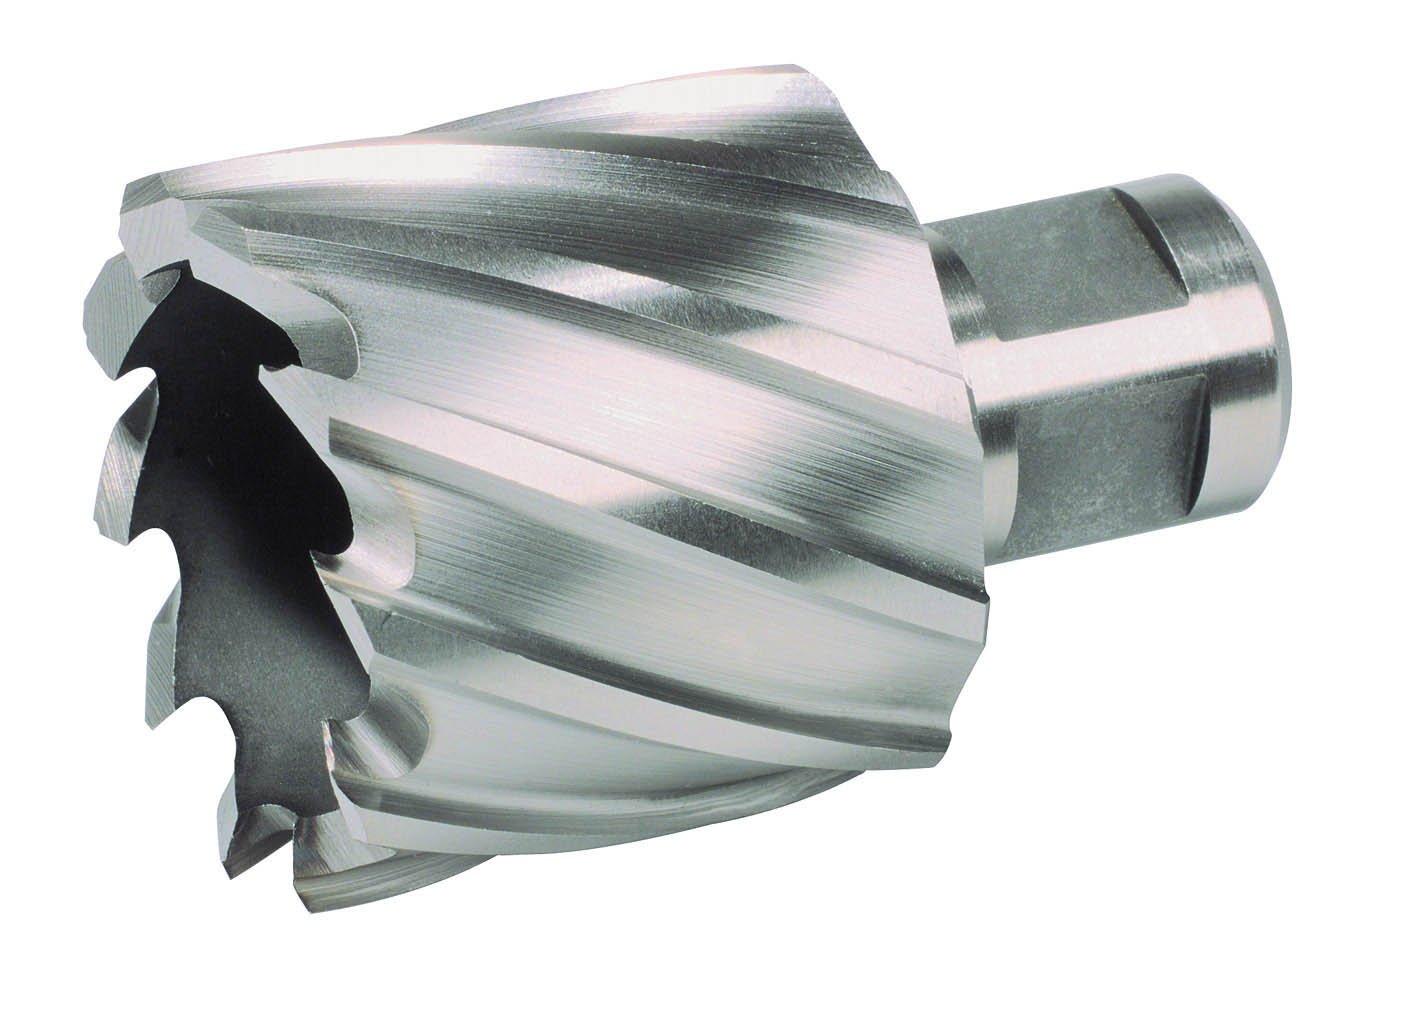 Ruko Mod.30 Fraise à carotter HSS 46 mm 108246